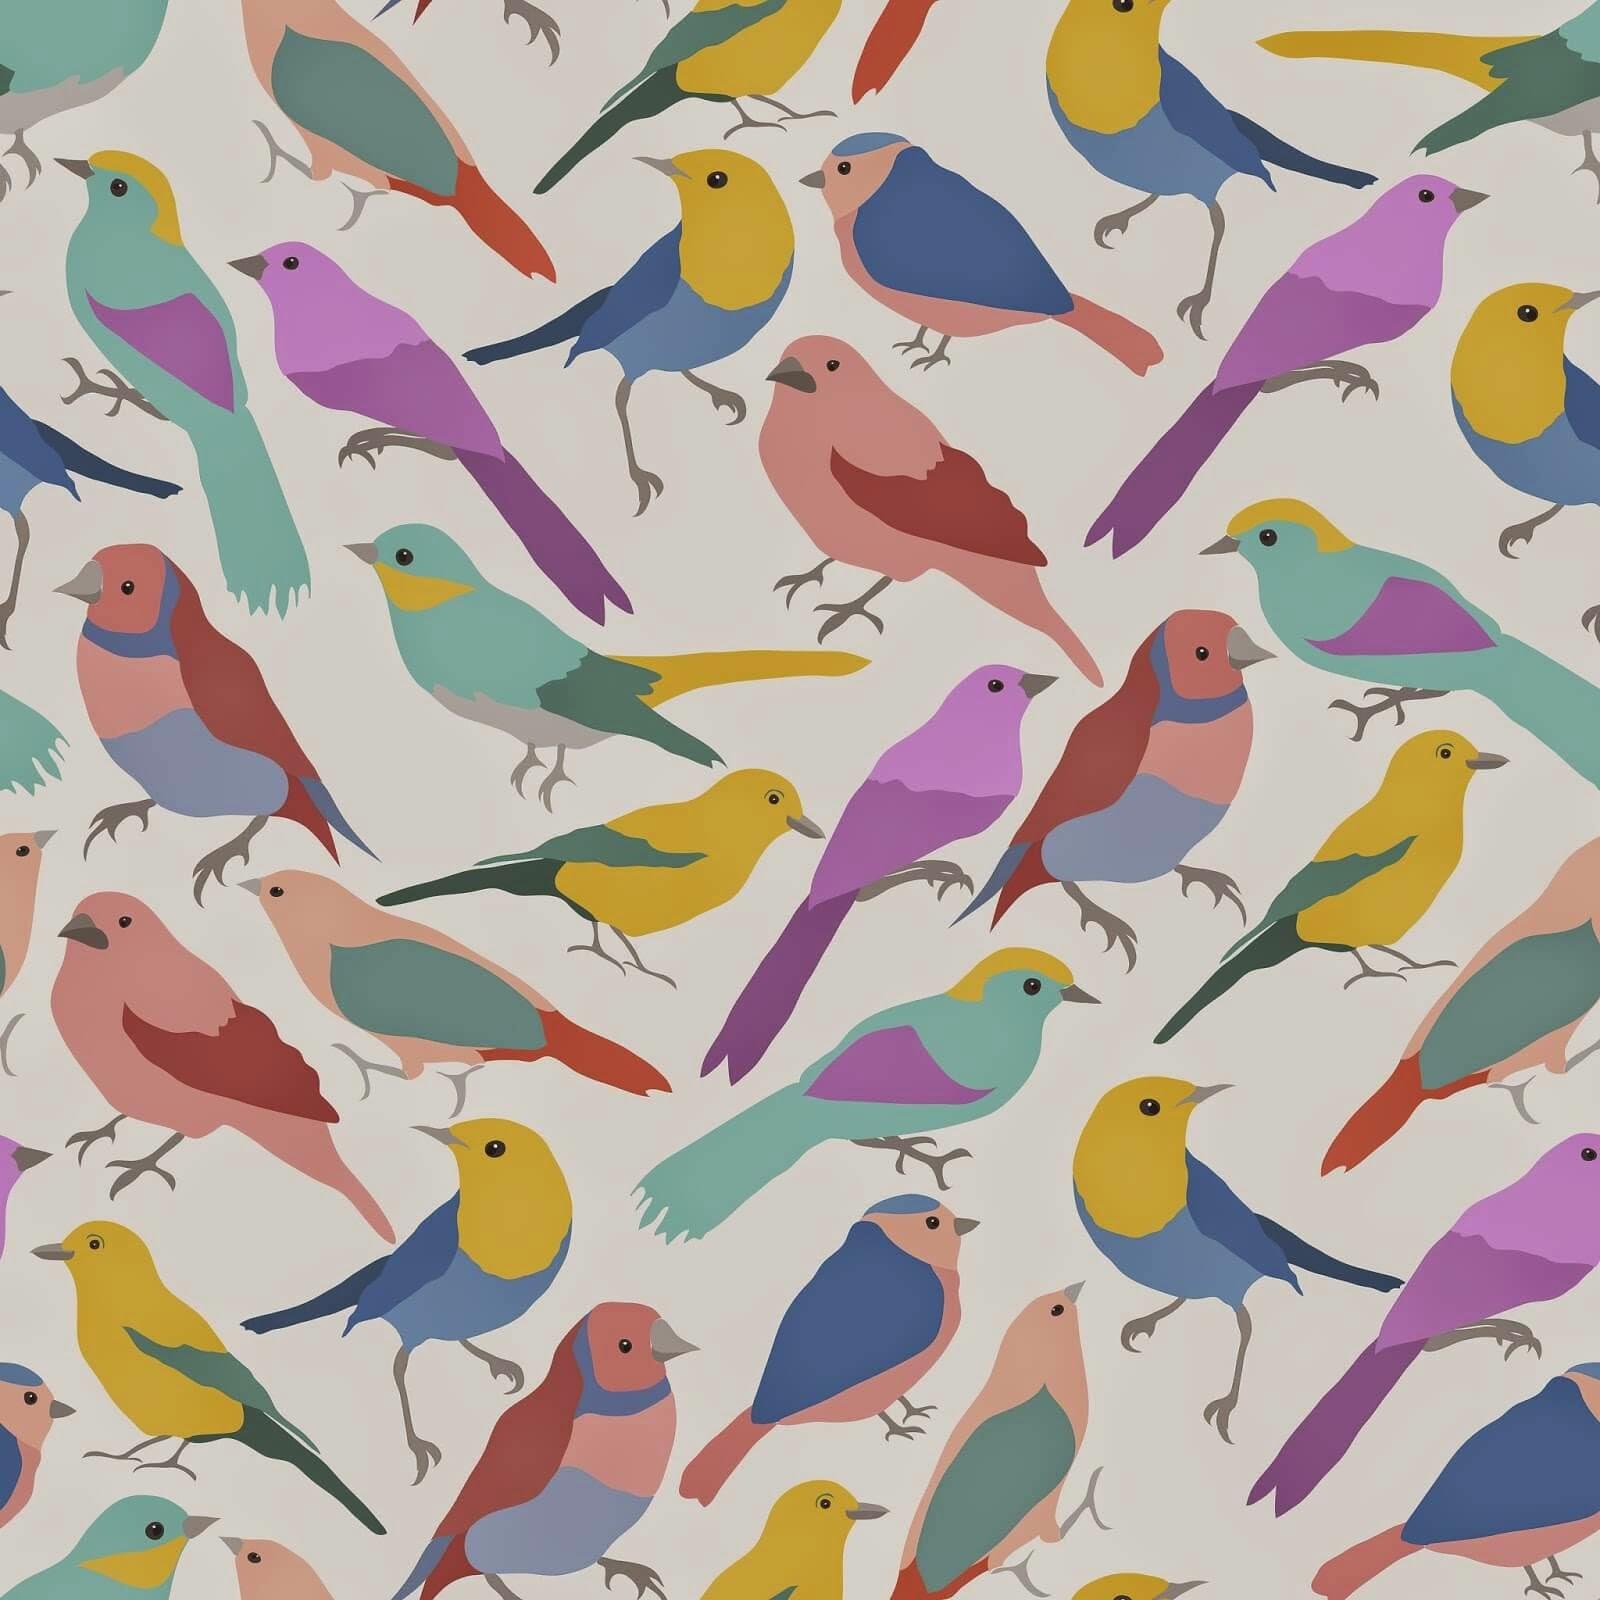 Ücretsiz Yüksek Kaliteli Kuş Vektörleri